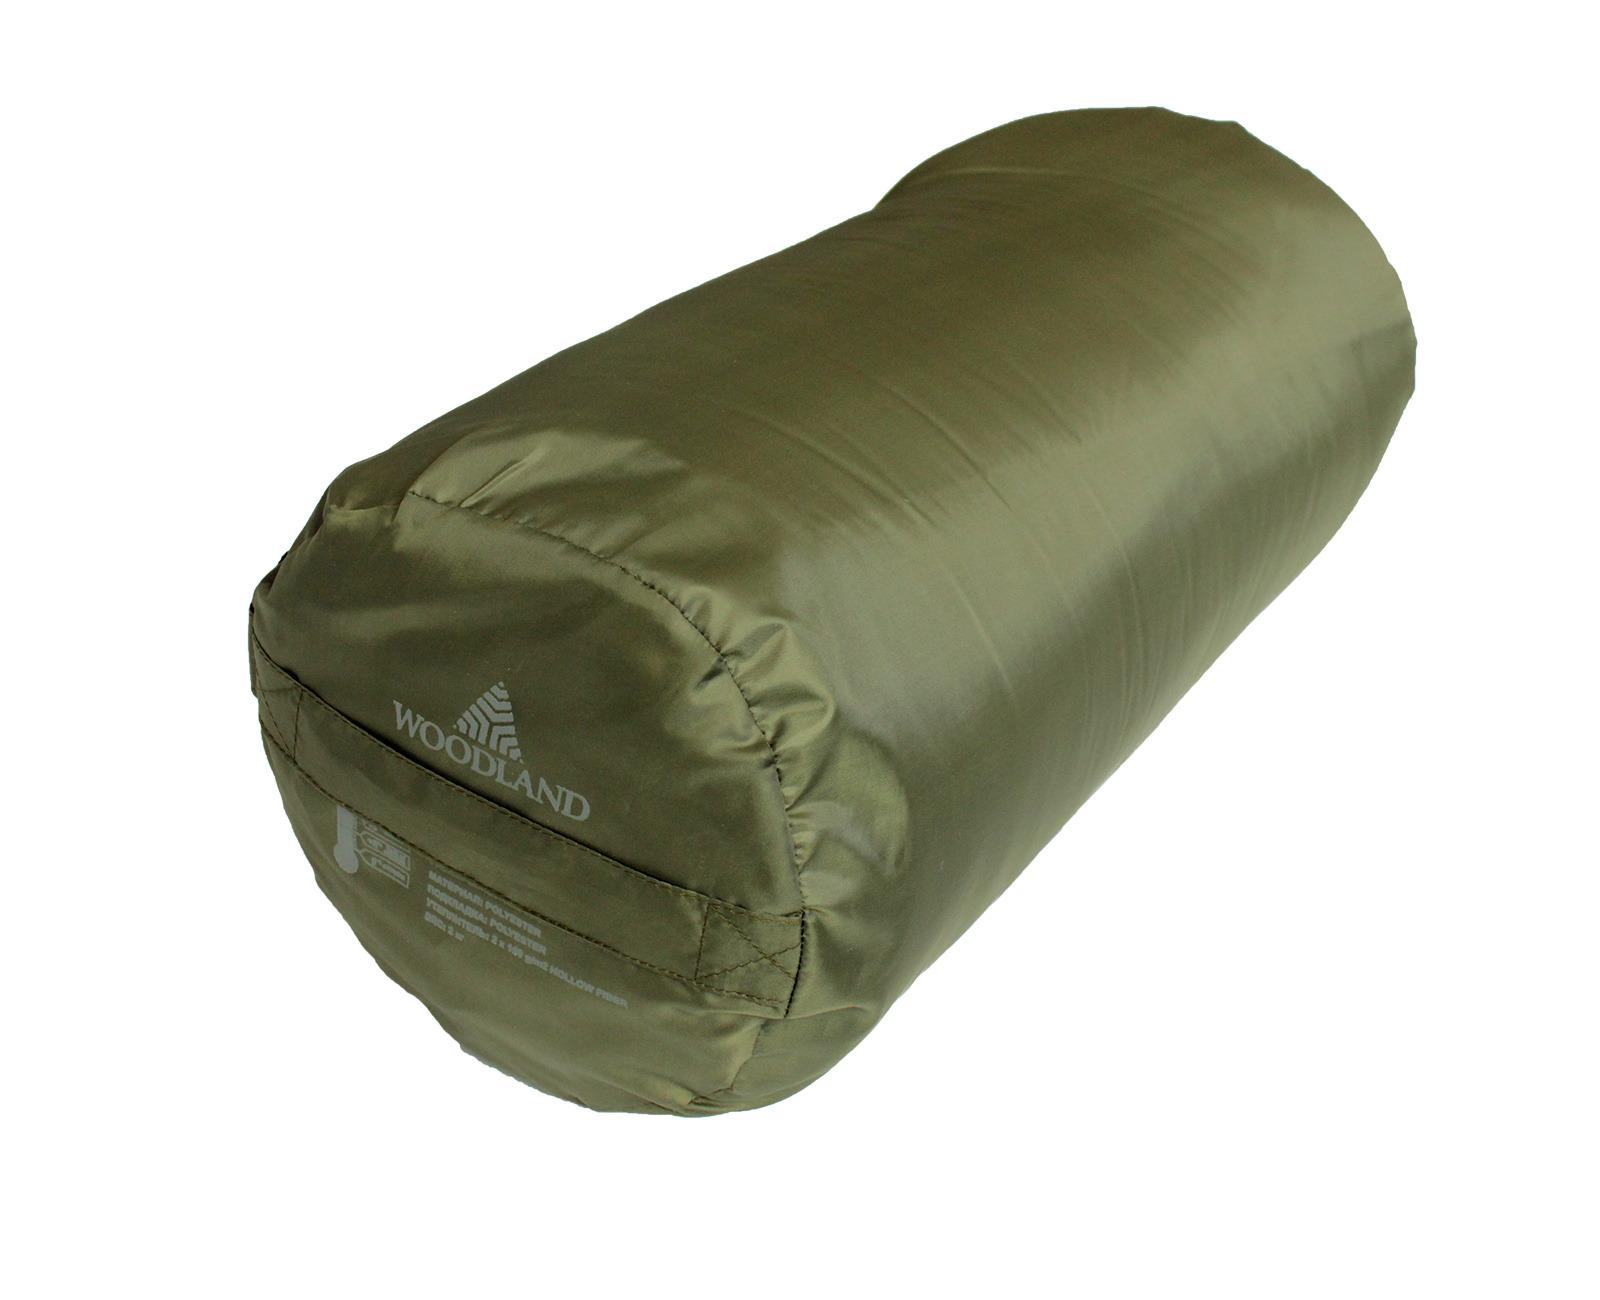 Спальный мешок Woodland Camping+ 250, 67828, правосторонняя молния, оливковый